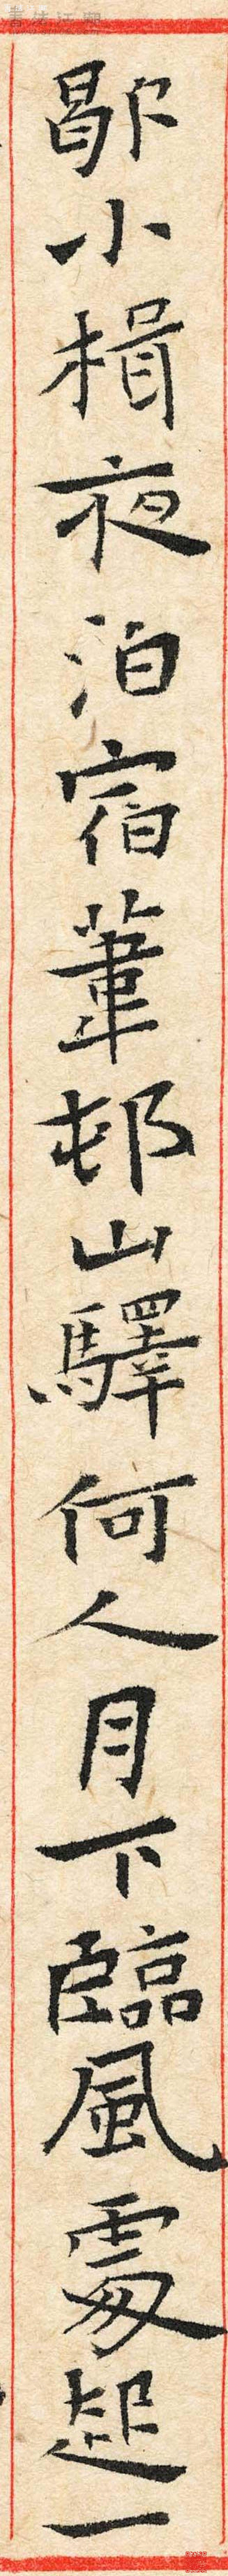 柳七词2.jpg